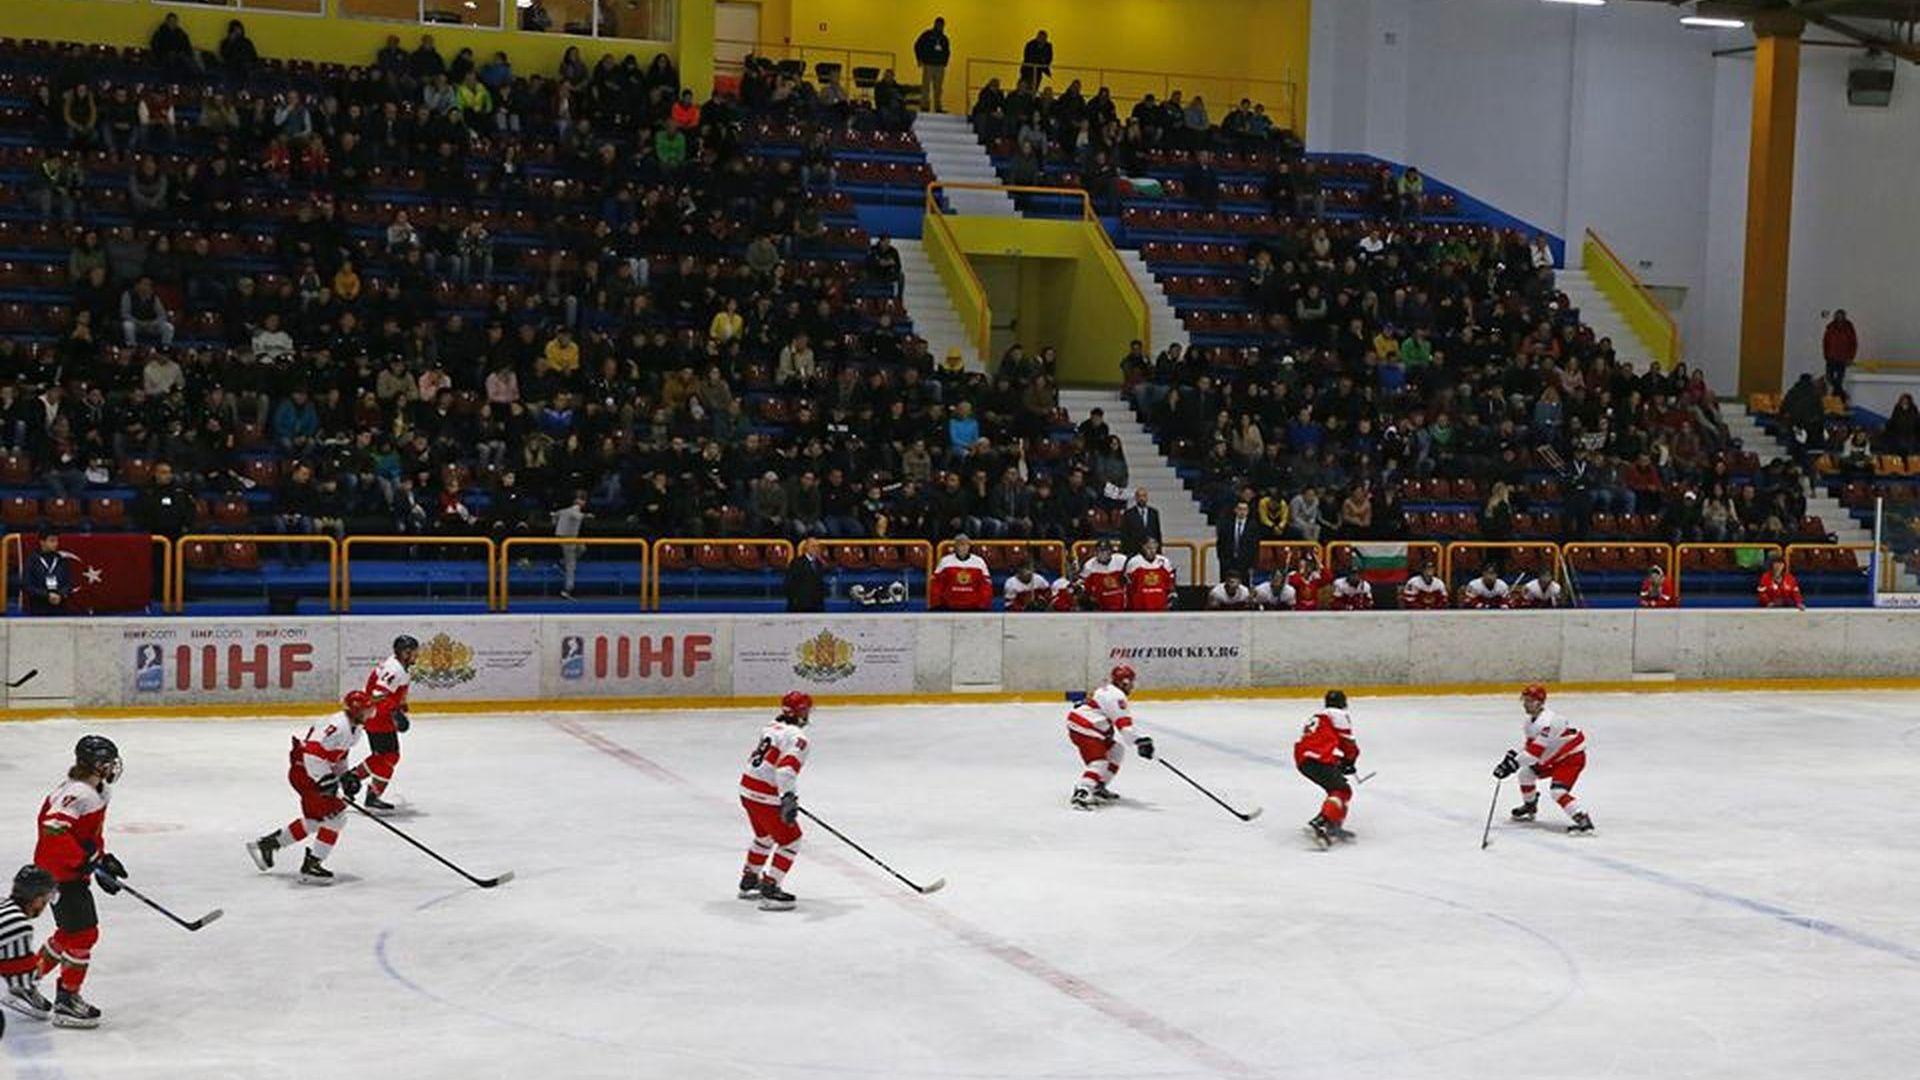 България отказа домакинство на световно първенство заради коронавируса